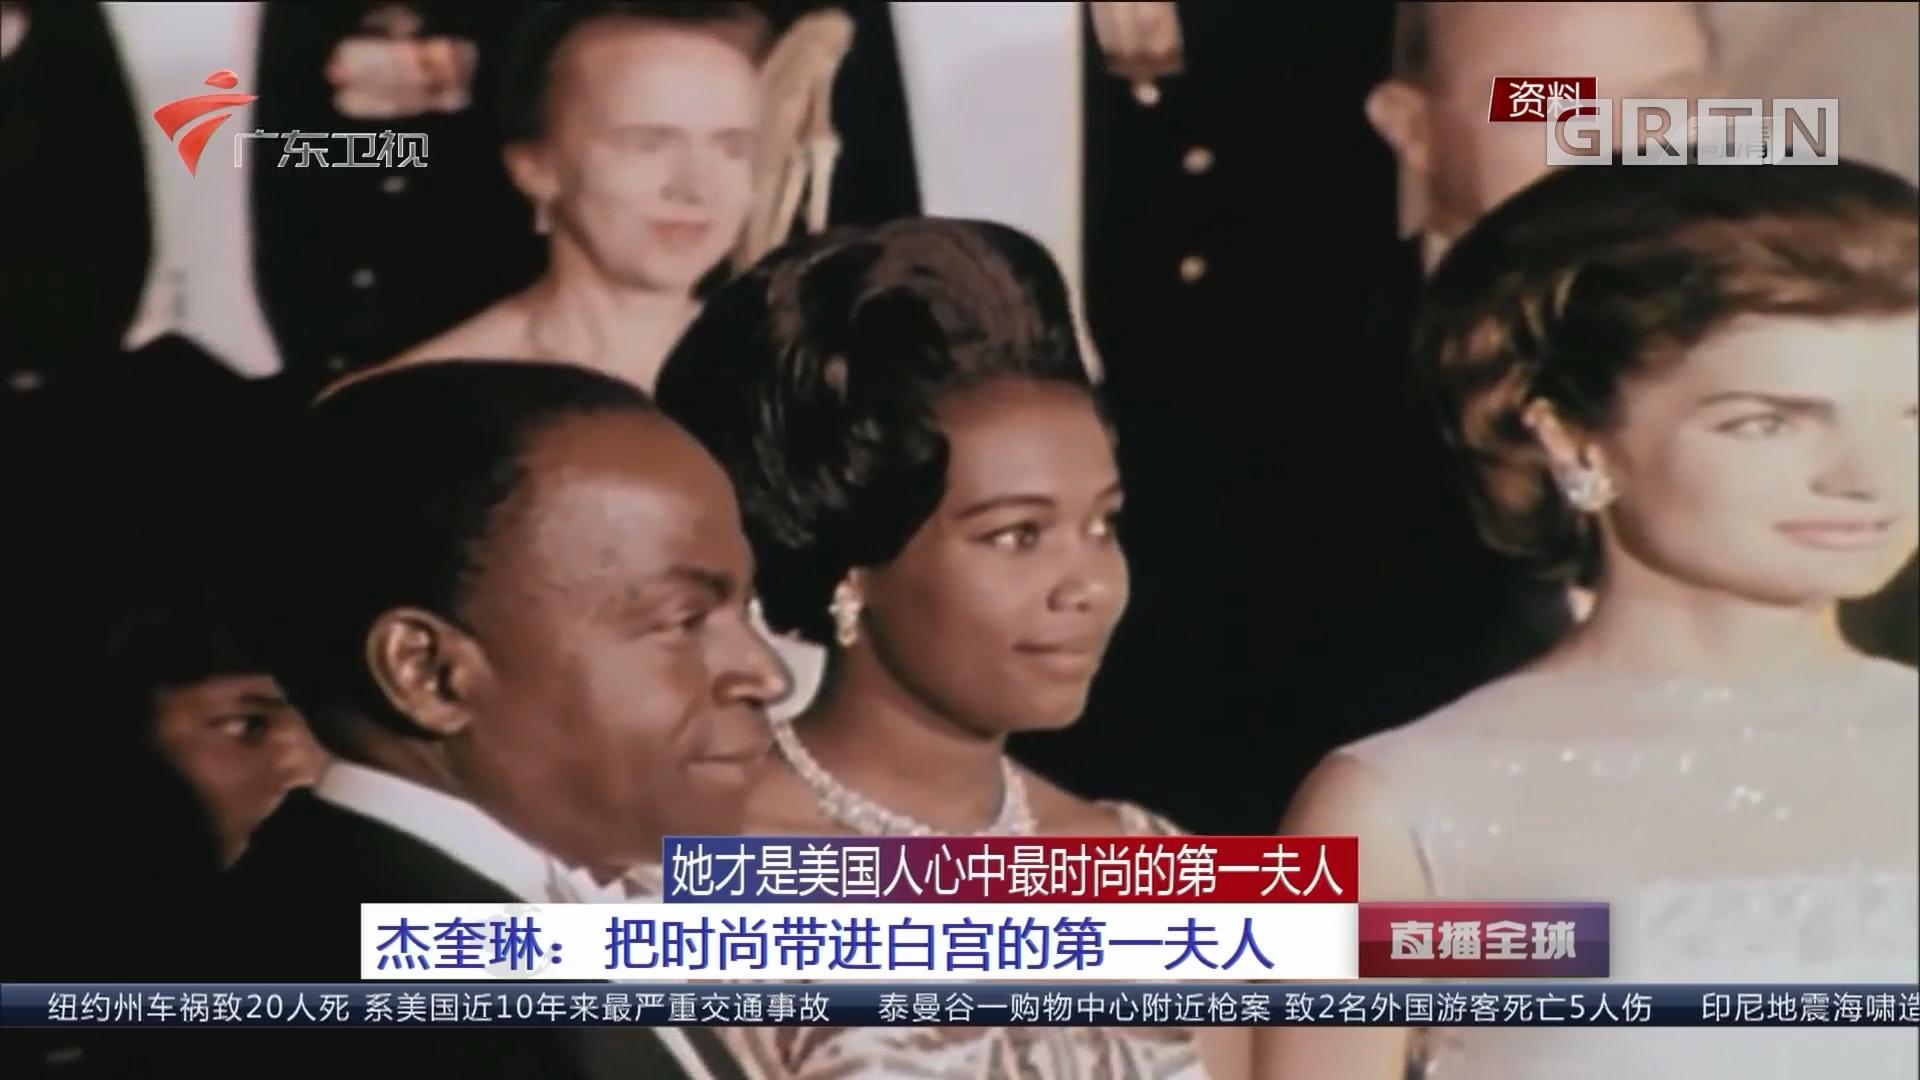 她才是美国人心中最时尚的第一夫人 杰奎琳:把时尚带进白宫的第一夫人